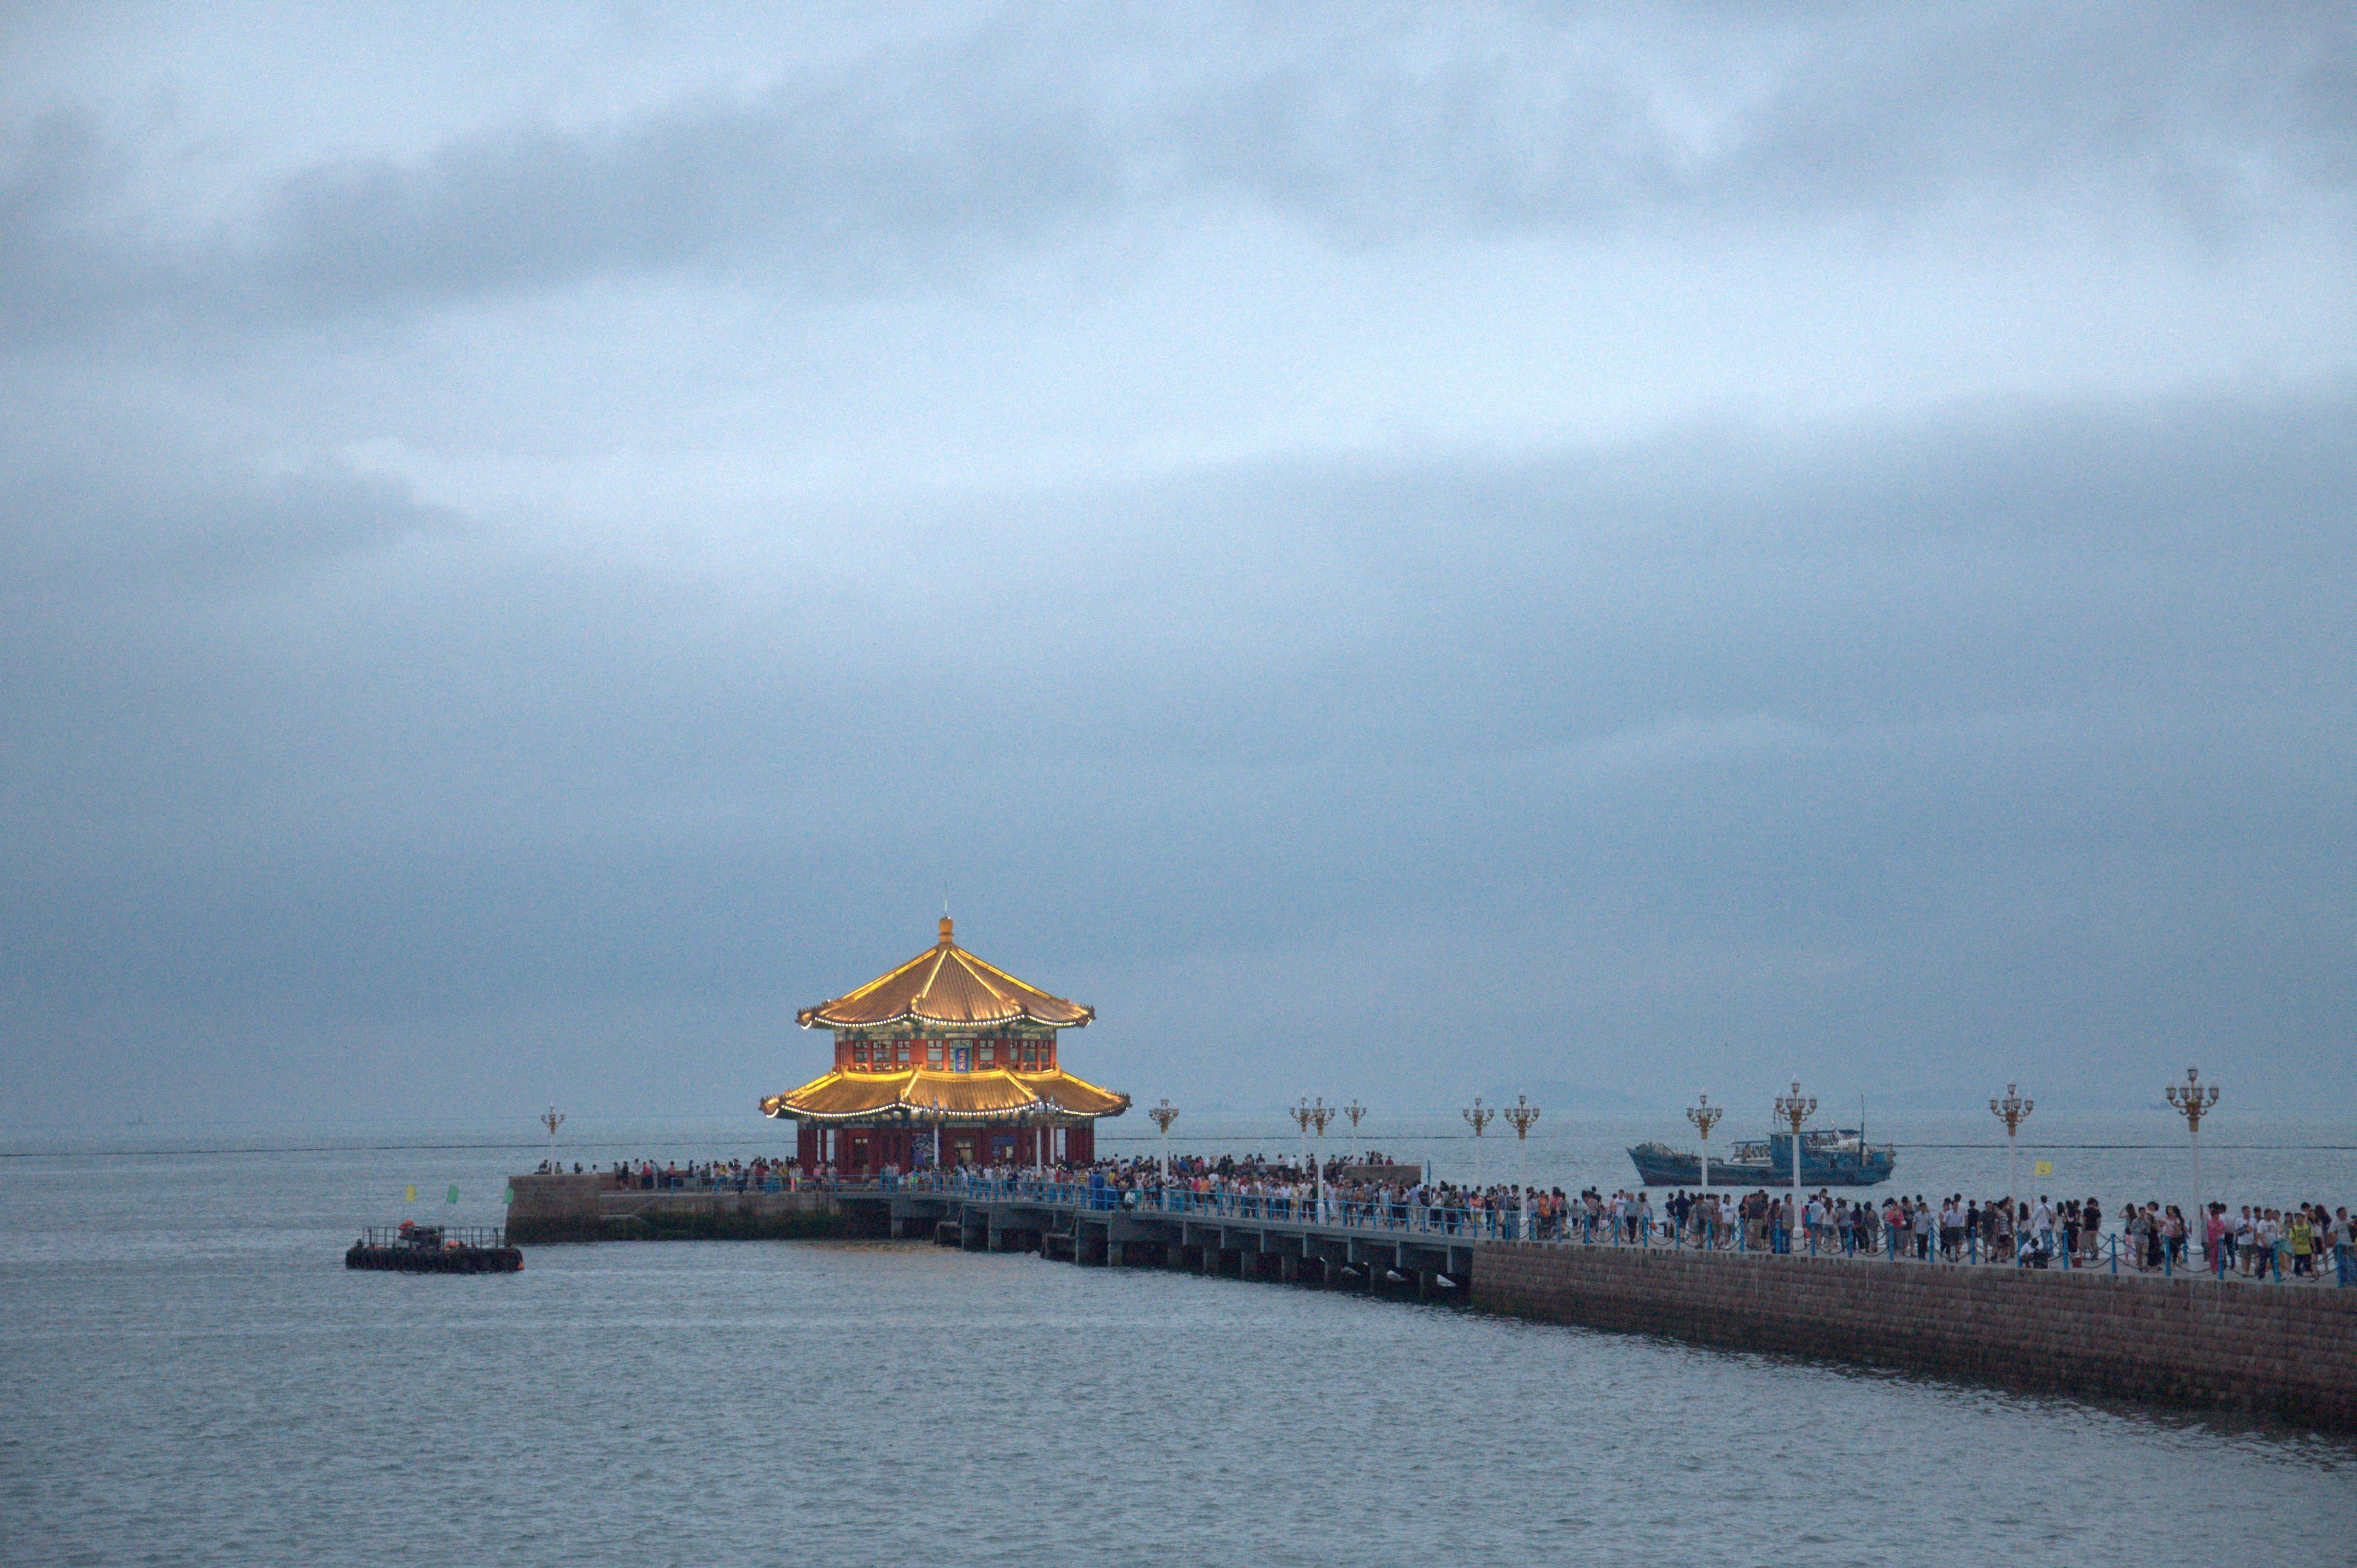 第一次去青岛旅游,景色还是很不错的,重点就是栈桥附近的旅游项目是有多坑。 1就是50元的游艇1小时走遍海边的各个景点,这个我们后来是商量到25一个人,坐上车去了乘船的地方中型的游艇就换成了只能乘坐8人左右的快艇说海事局说风大不让大船出去。上船后一个弯就到海边中间点的位置了,然后停船说每人再加30元就再往里面走,所以5分钟后被送回栈桥,全程一共10分钟左右,特别坑。